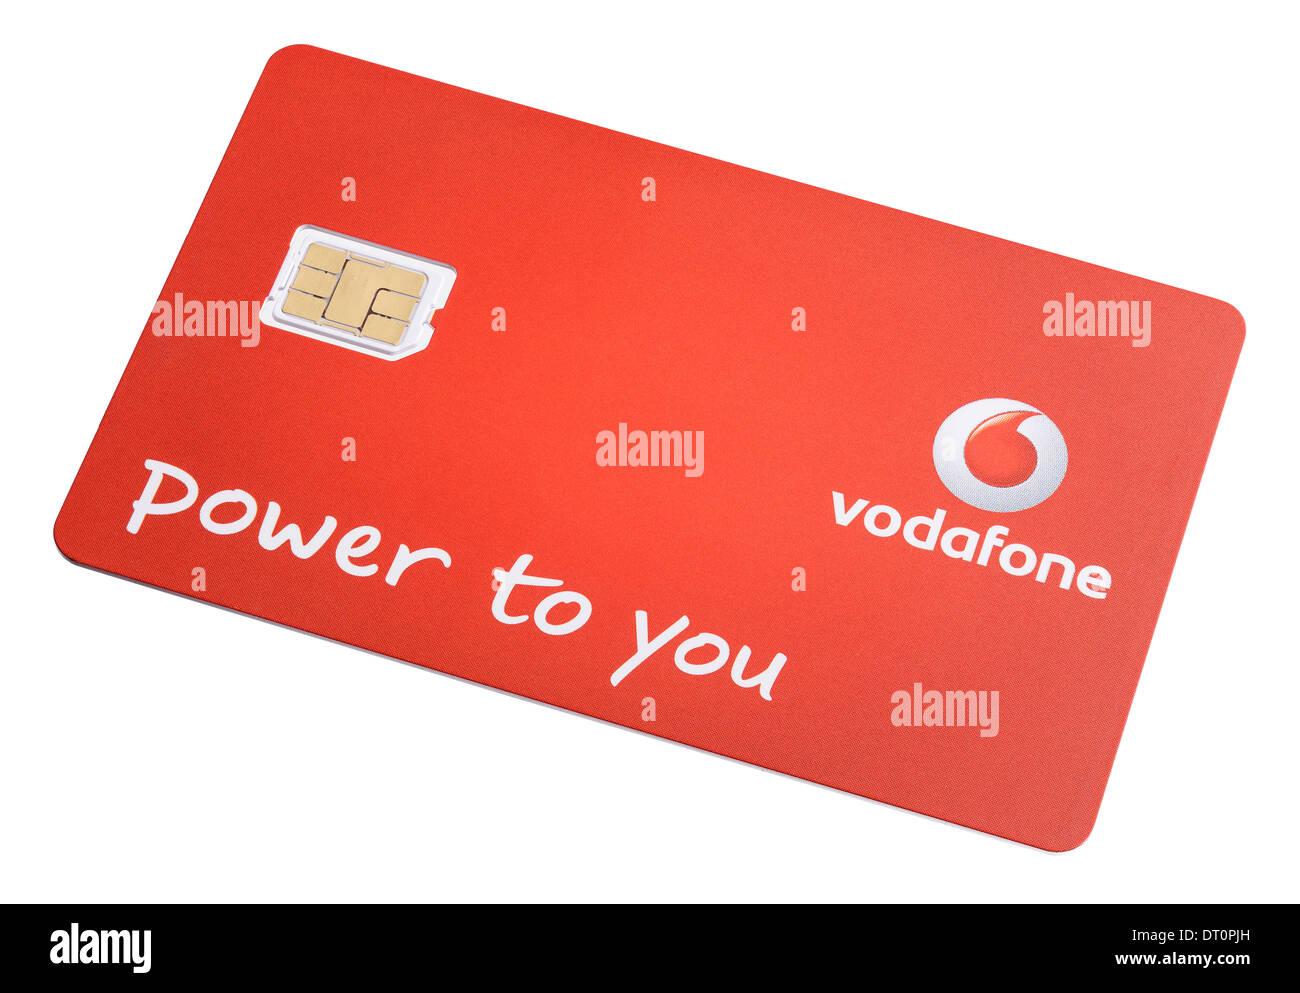 Vodafone Nano Scheda Sim Di Un Telefono Cellulare Foto Immagine